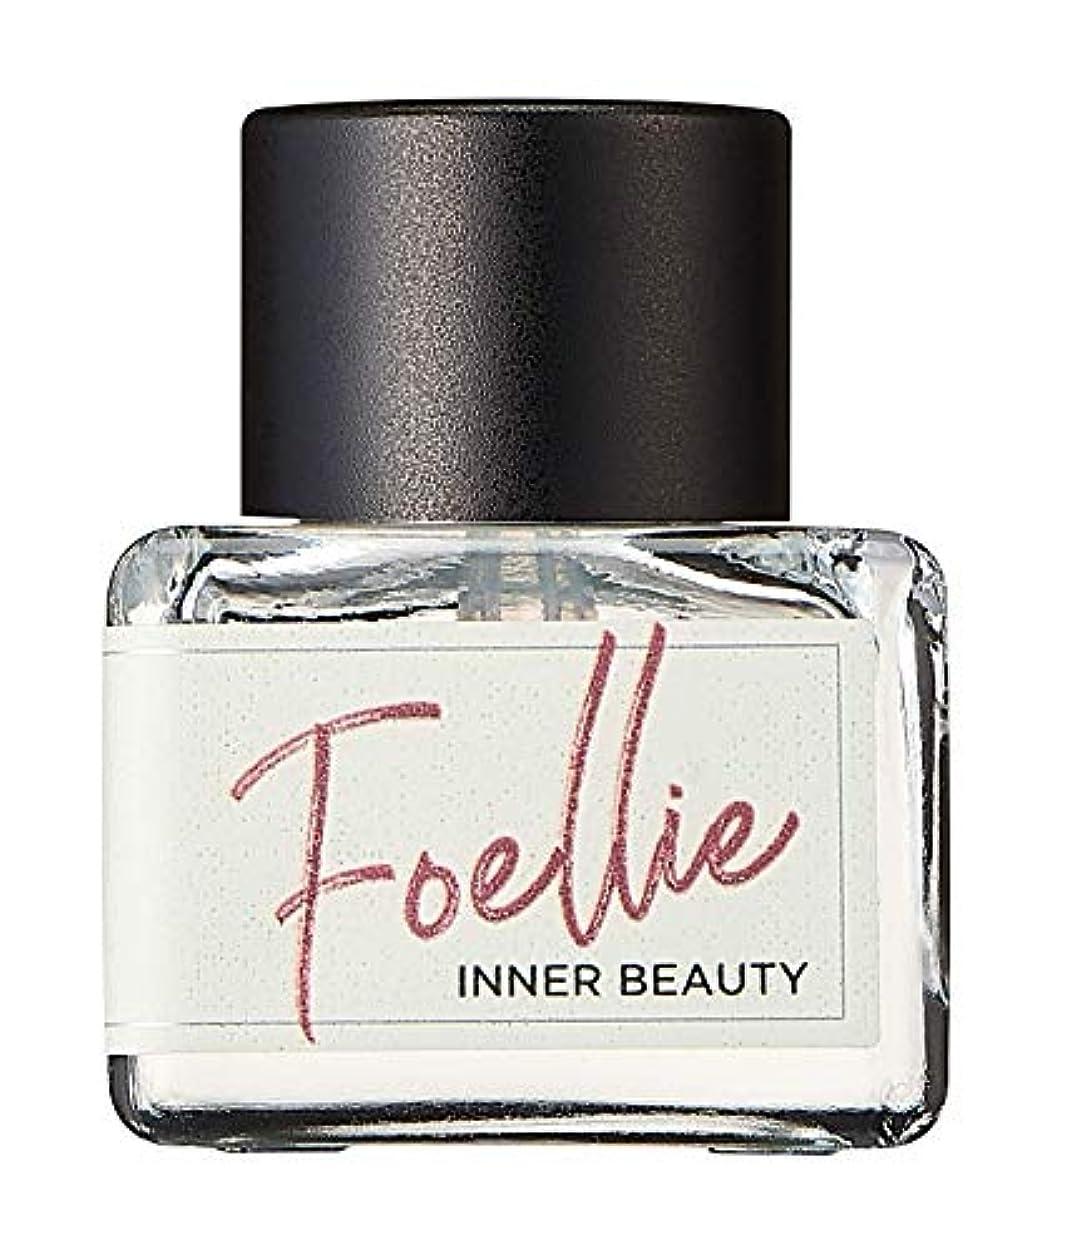 キャップ共役天文学[フォエリー(FOELLIE)] eau de bonbon オードボンボン – フェミニン、インナービューティー香水(下着用)、甘い桃の魅力的な香りの香水, 5ml(0.169 fl oz)